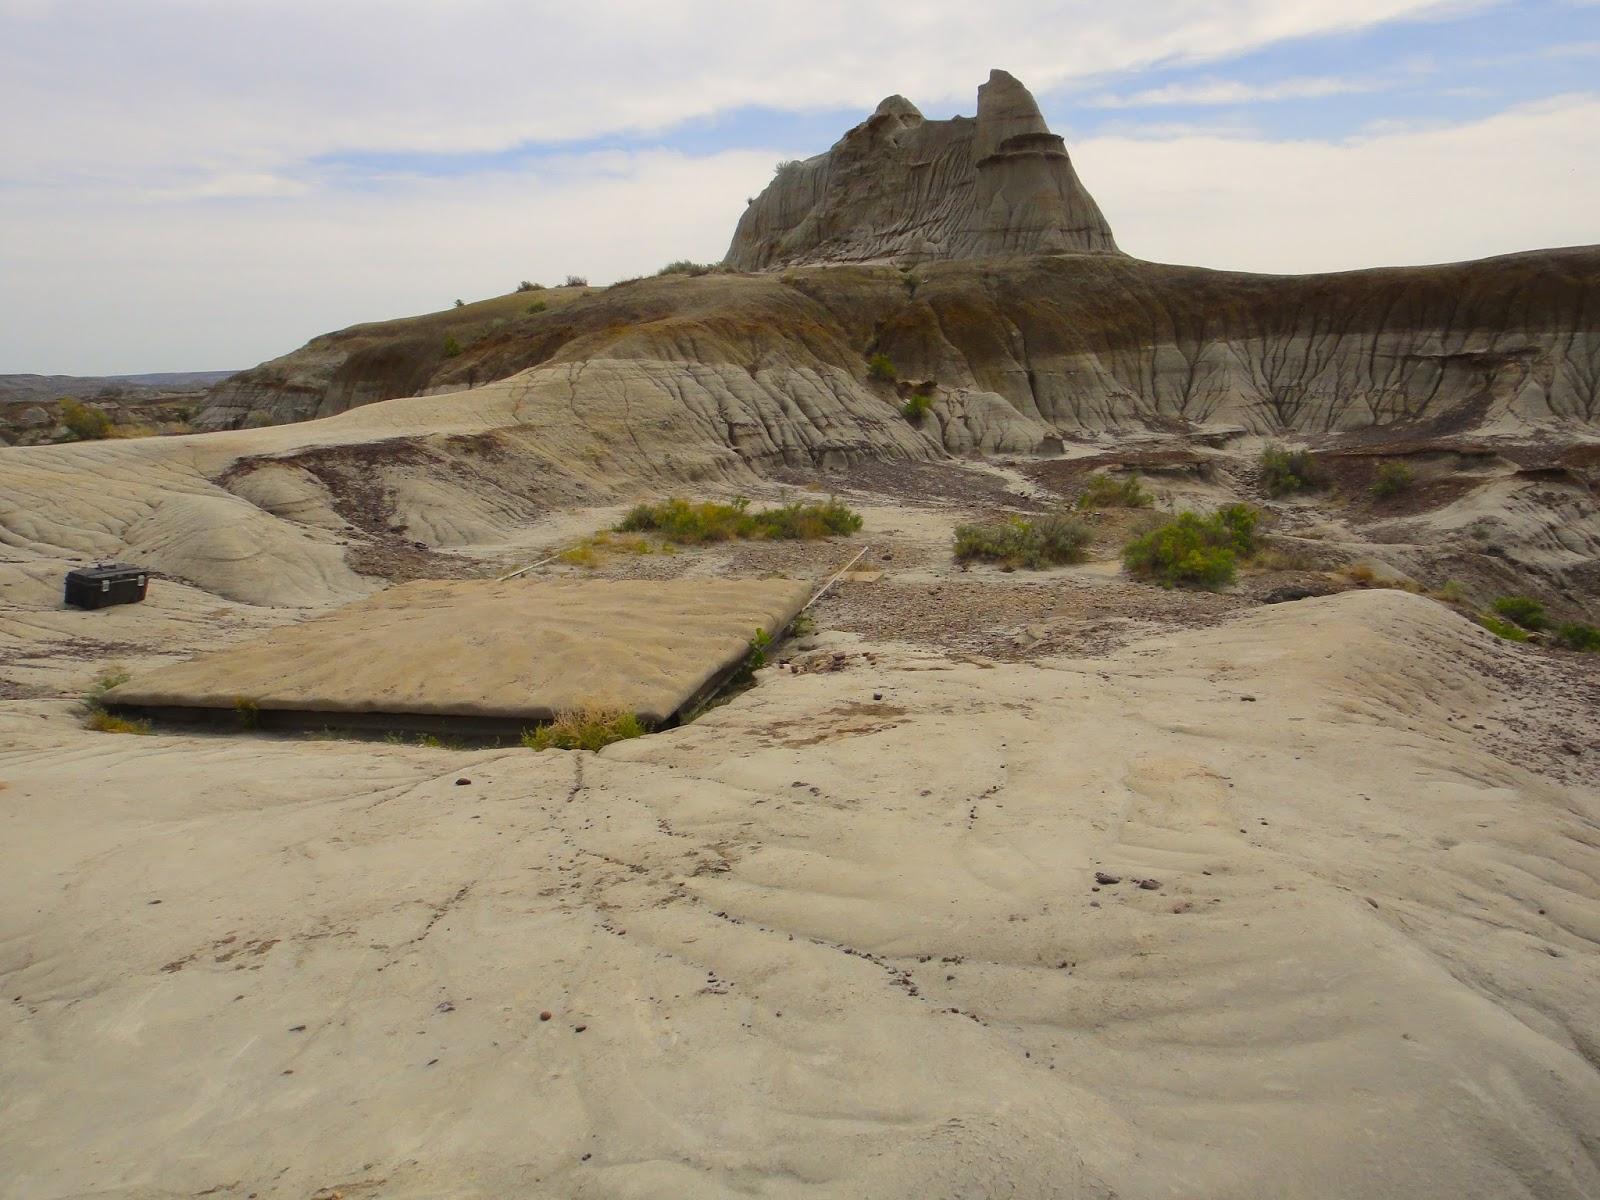 005 - Centrosaurus Quarry below the Citadel